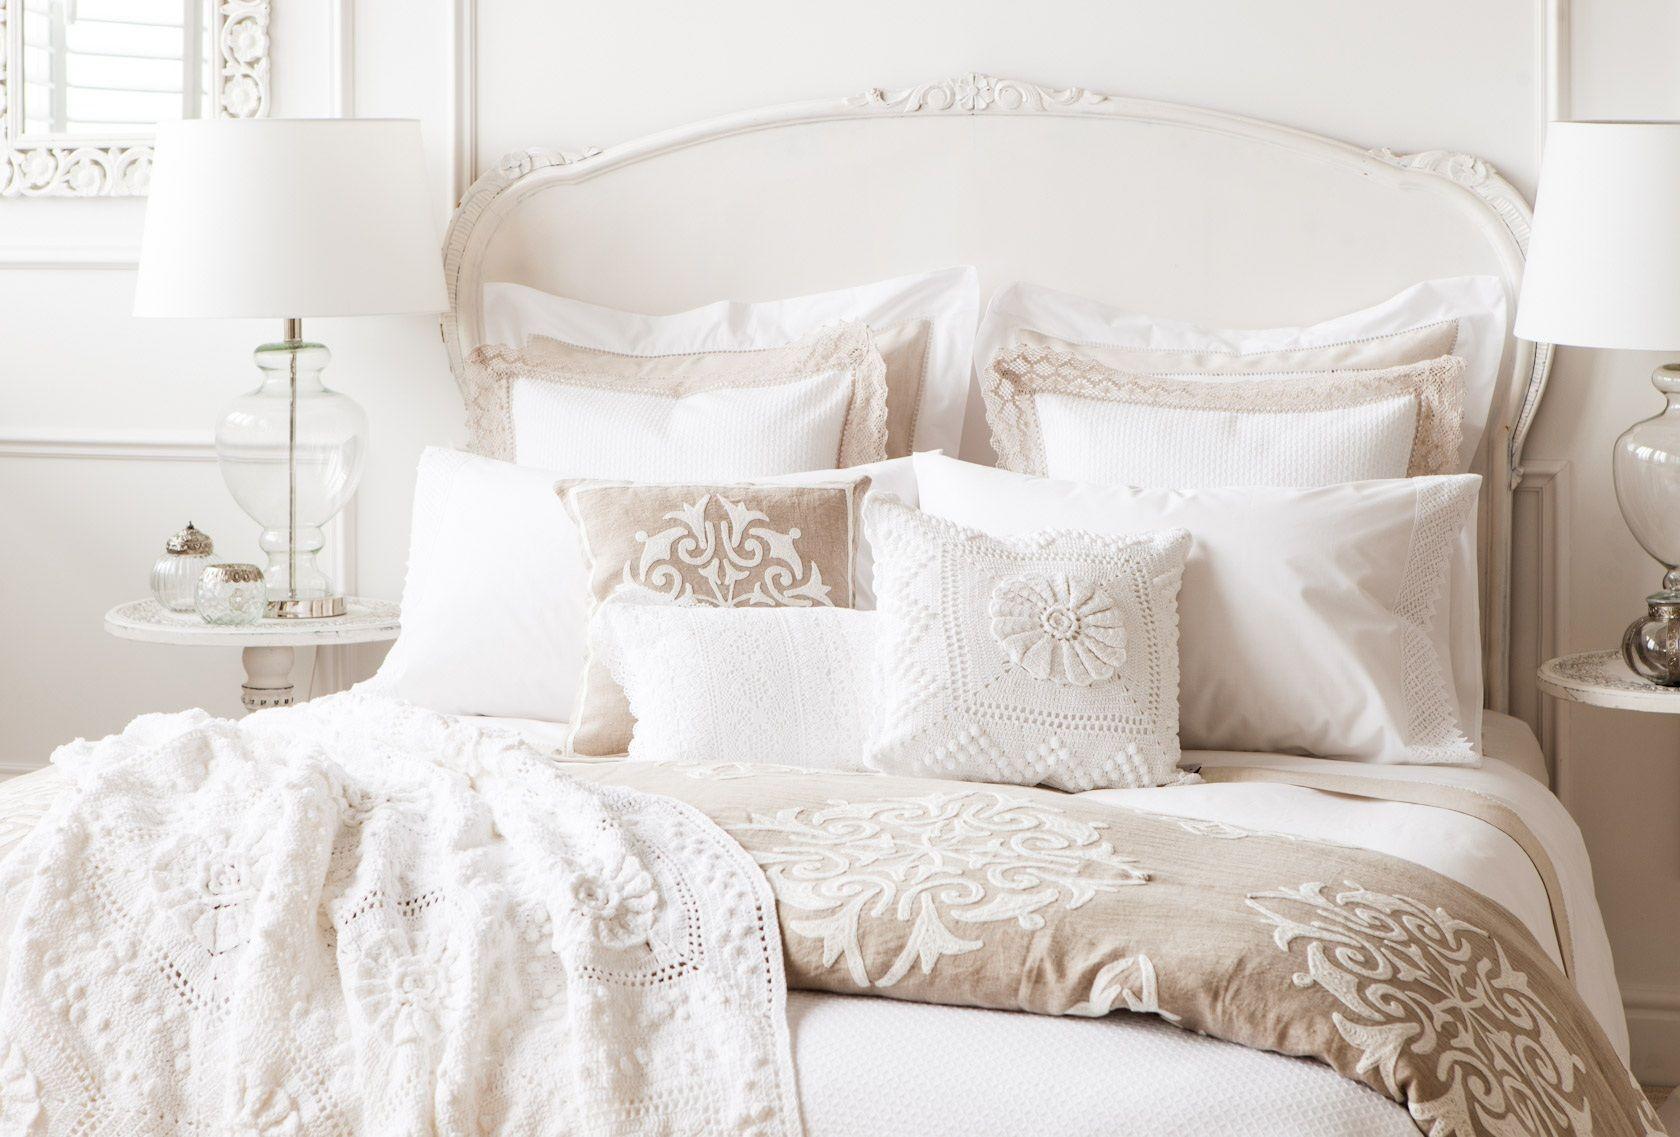 Cama zara home espa a dormitorio pinterest zara - Dormitorios zara home ...